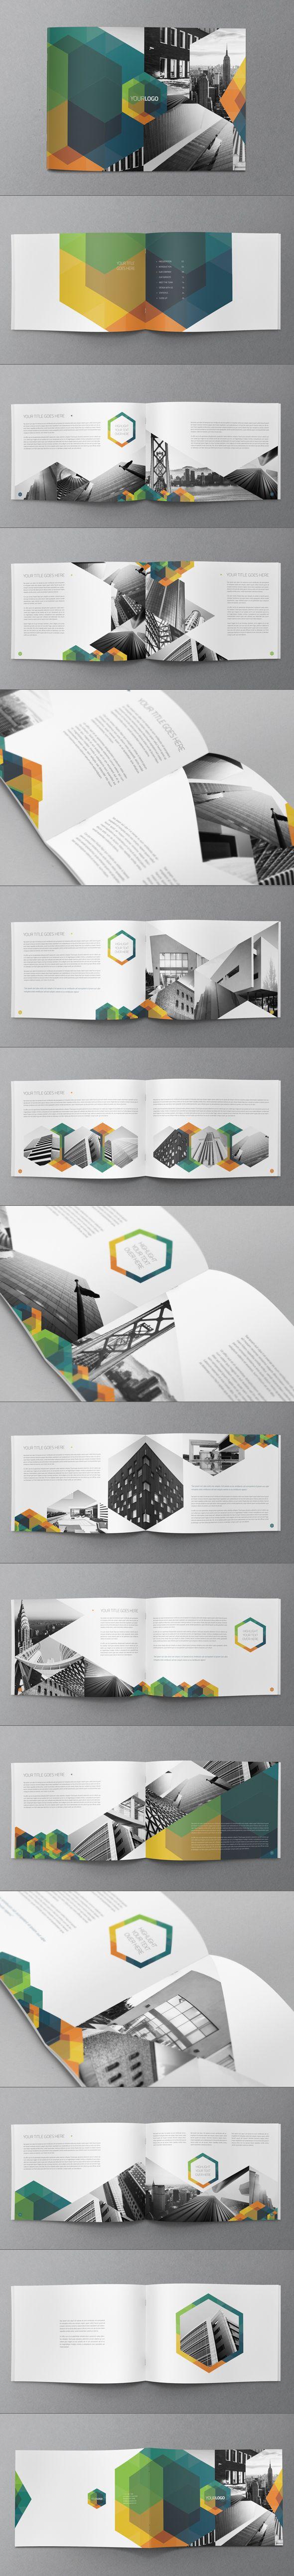 Hexo Brochure Design on Behance